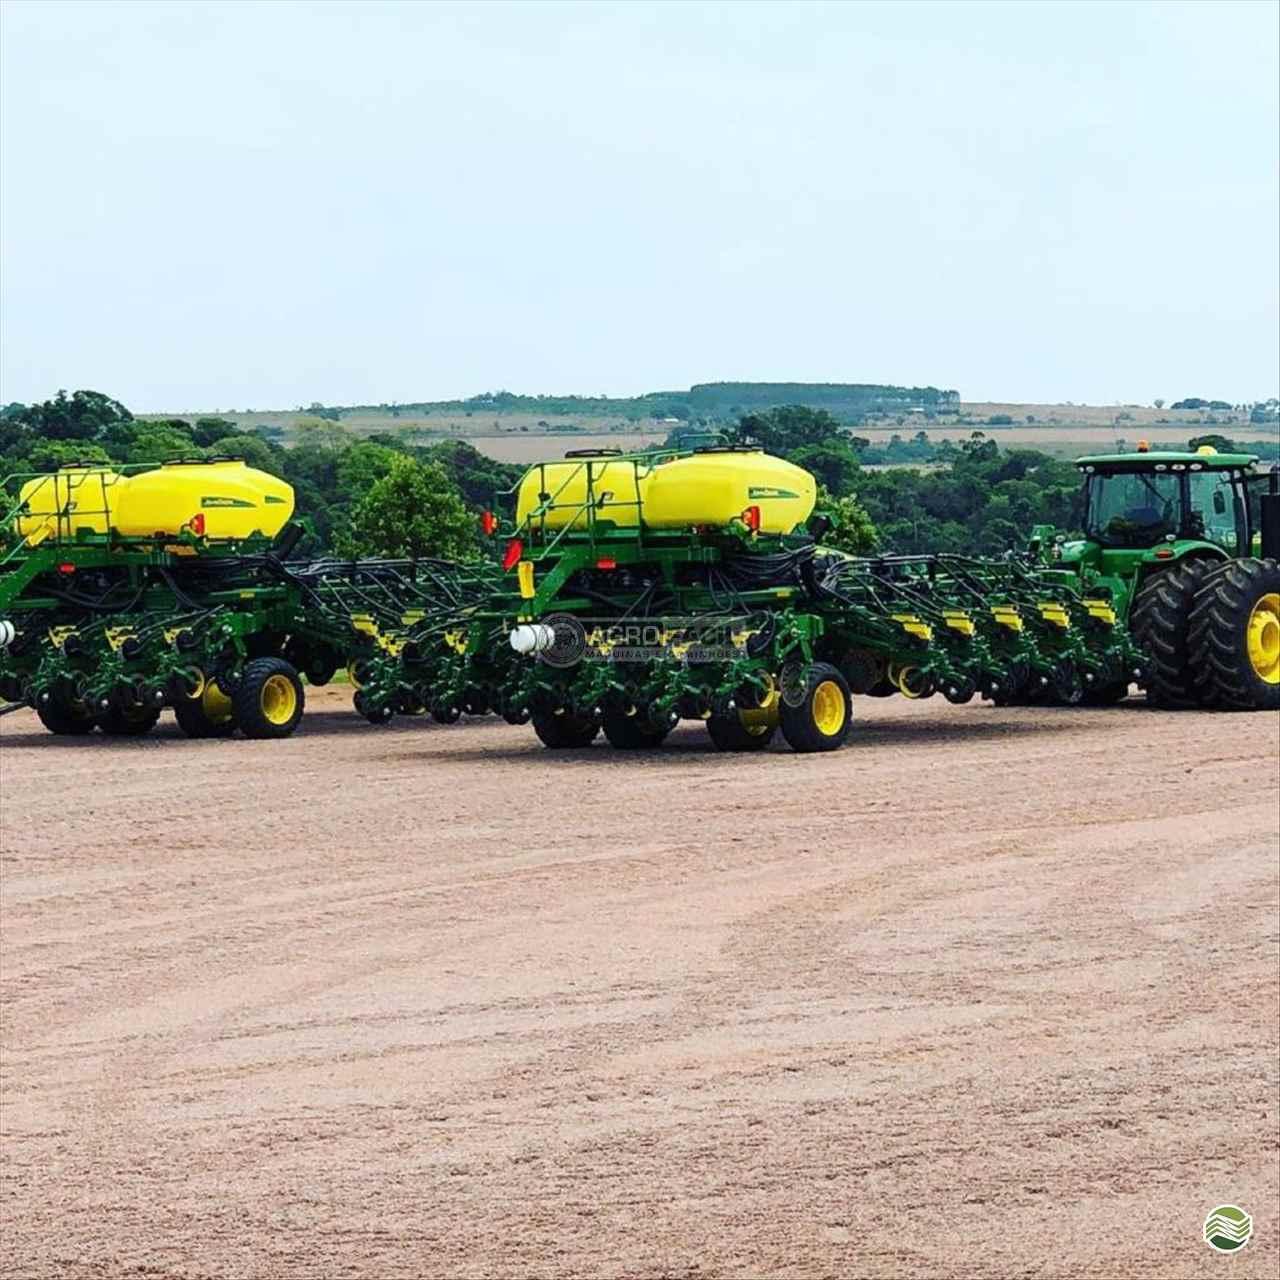 PLANTADEIRA JOHN DEERE PLANTADEIRAS DB50 Agro Fácil Máquinas PRIMAVERA DO LESTE MATO GROSSO MT